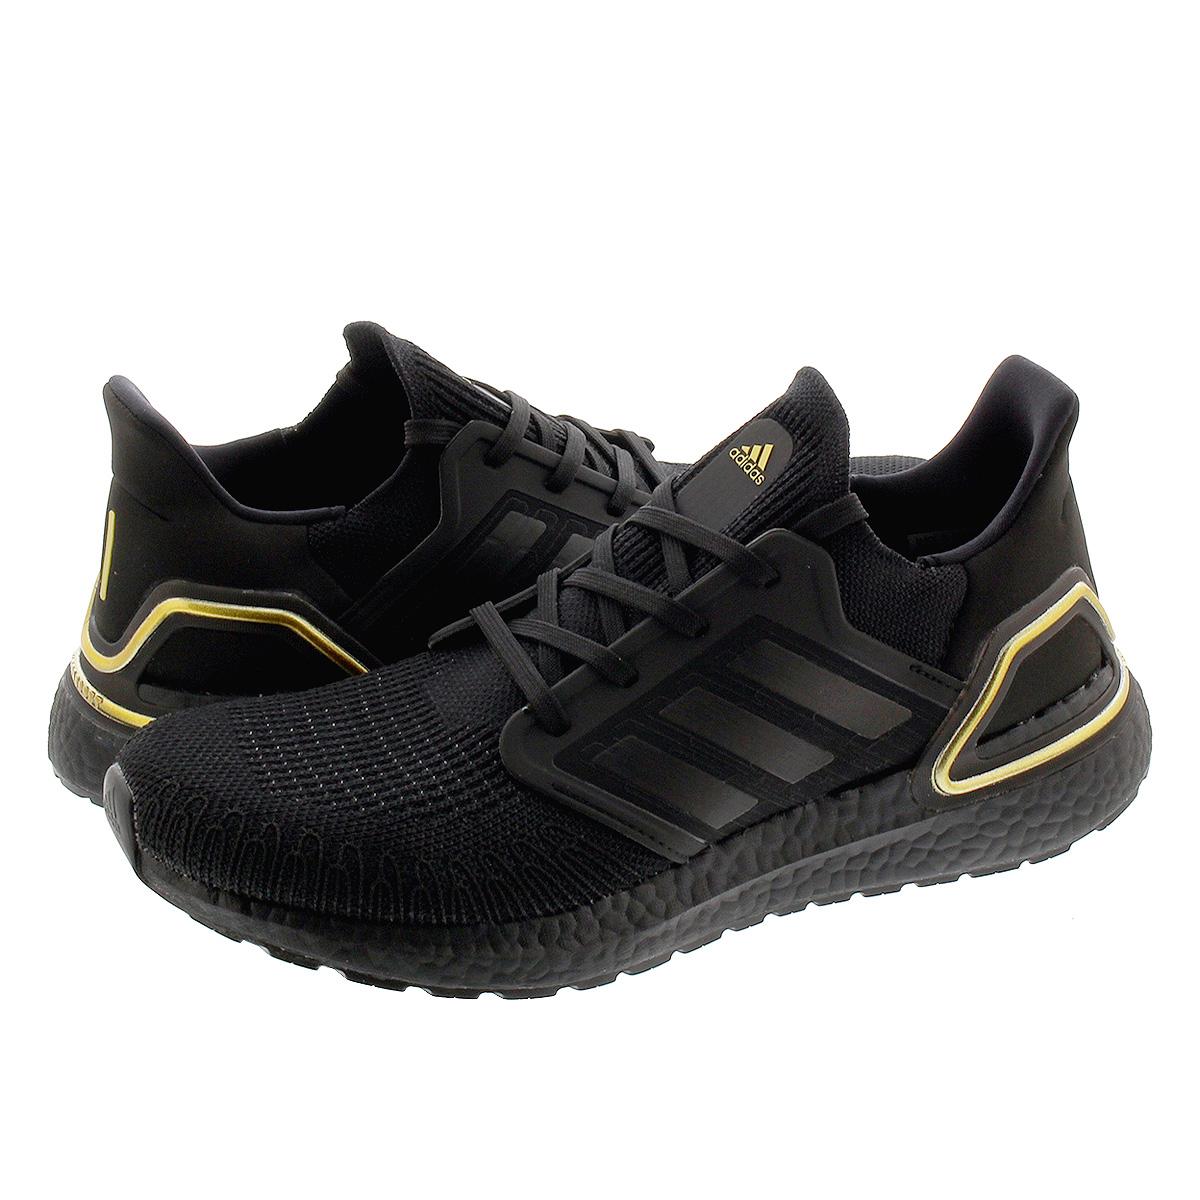 【毎日がお得!値下げプライス】 adidas ULTRA BOOST 20 アディダス ウルトラブースト 20 CORE BLACK/CORE BLACK/GOLD METALLIC eg0754